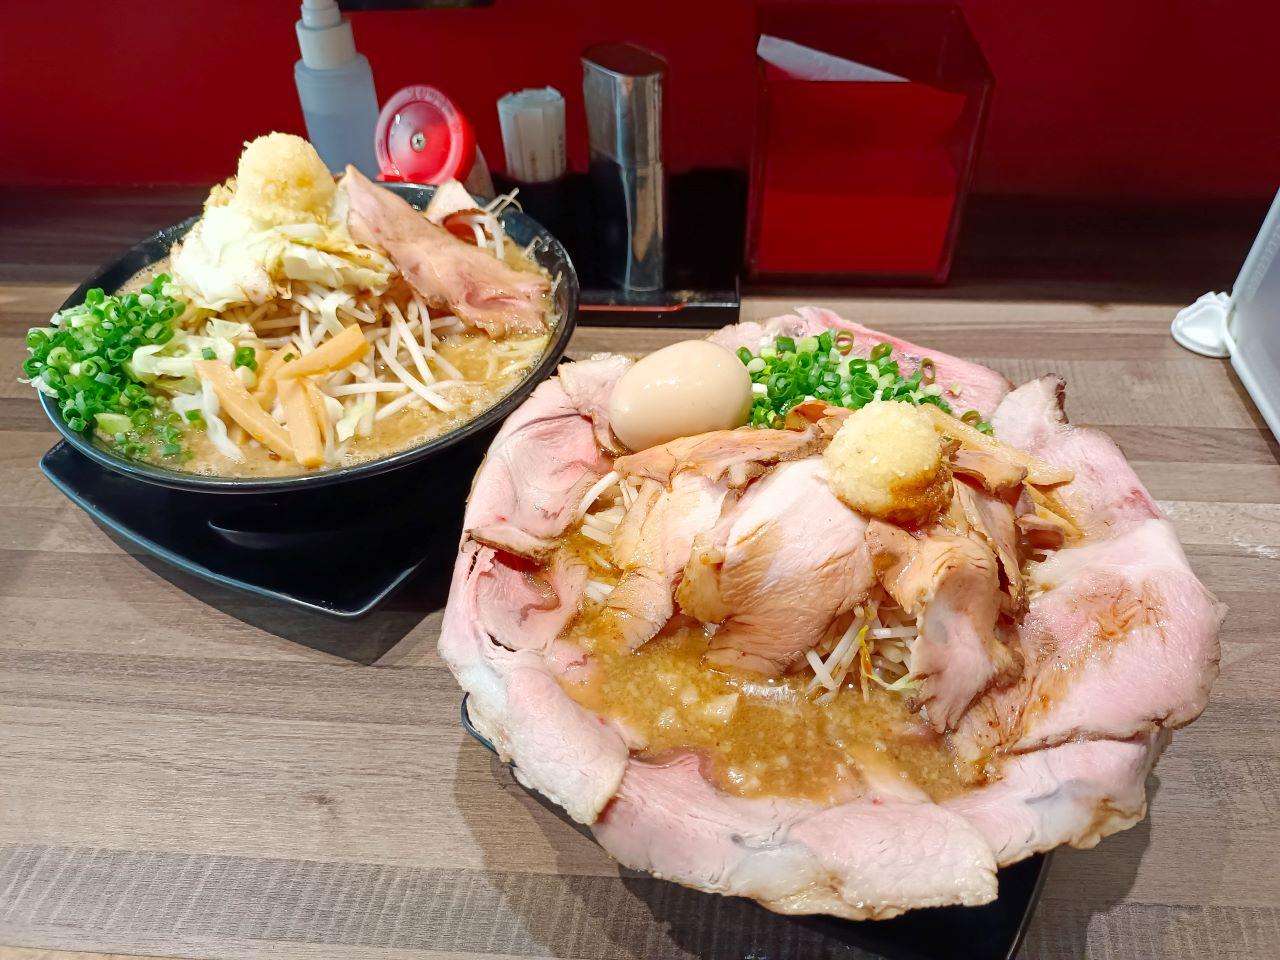 (公館美食)肉肉控不能錯過,叉燒肉多到滿出來-鷹流東京豚骨拉麺【極匠gokujoh】公館店 @Nancy將的生活筆計本